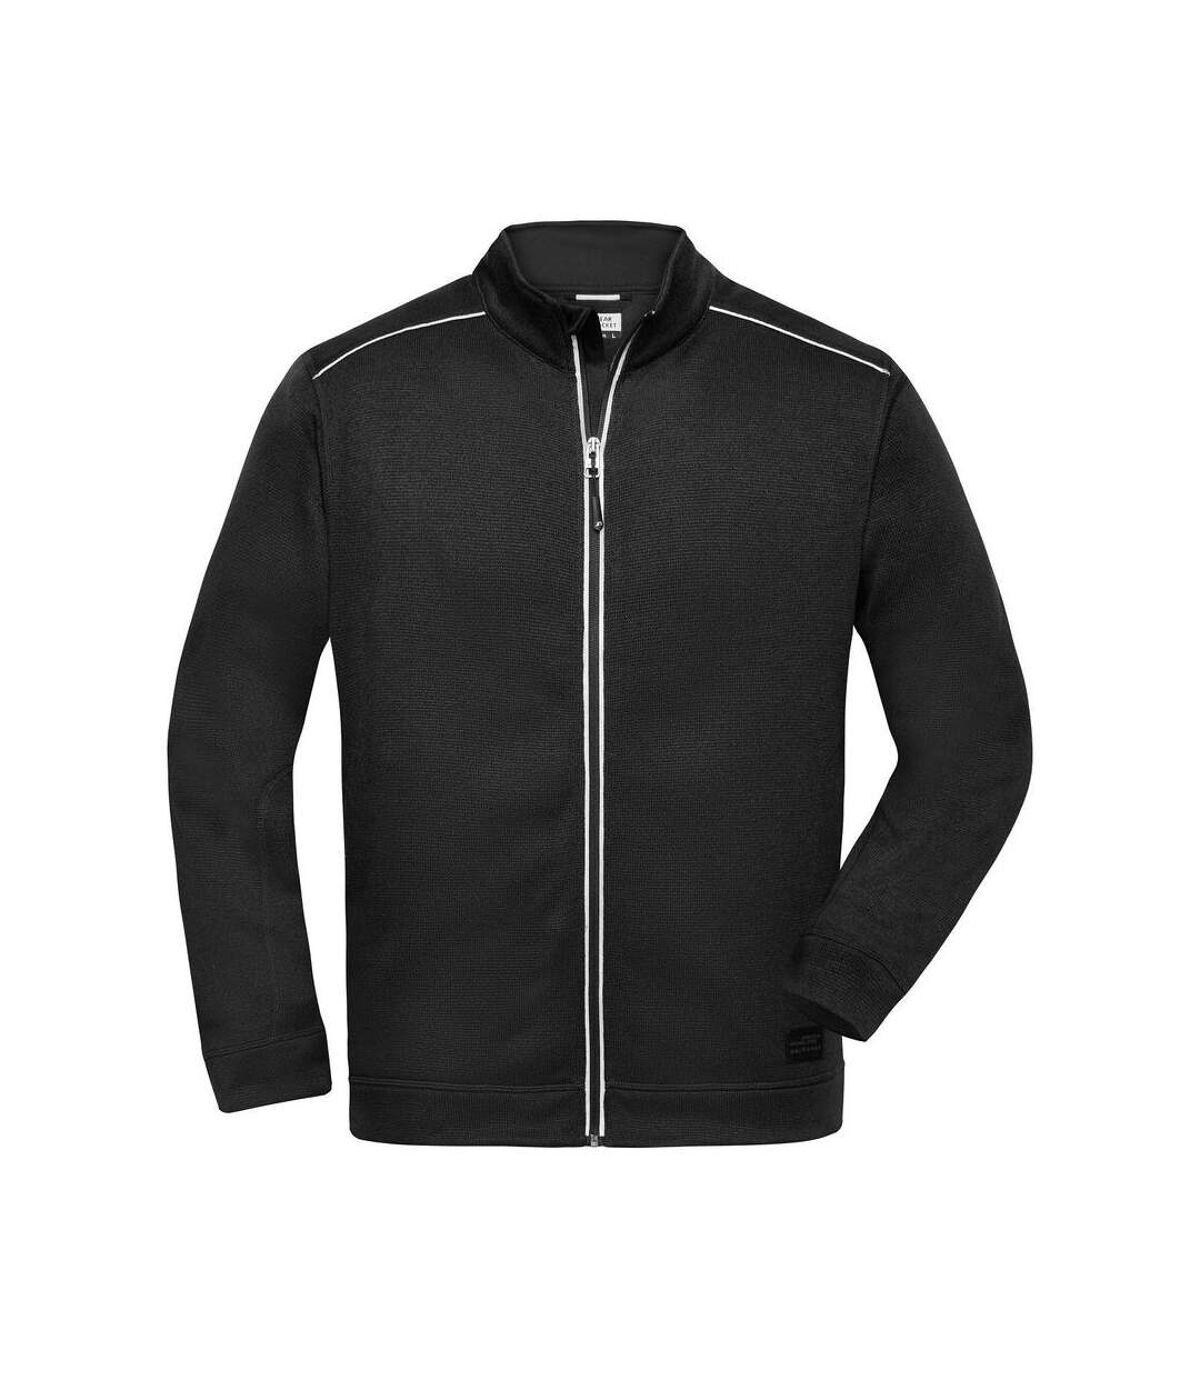 Veste zippée polaire workwear - homme - JN898 - noir